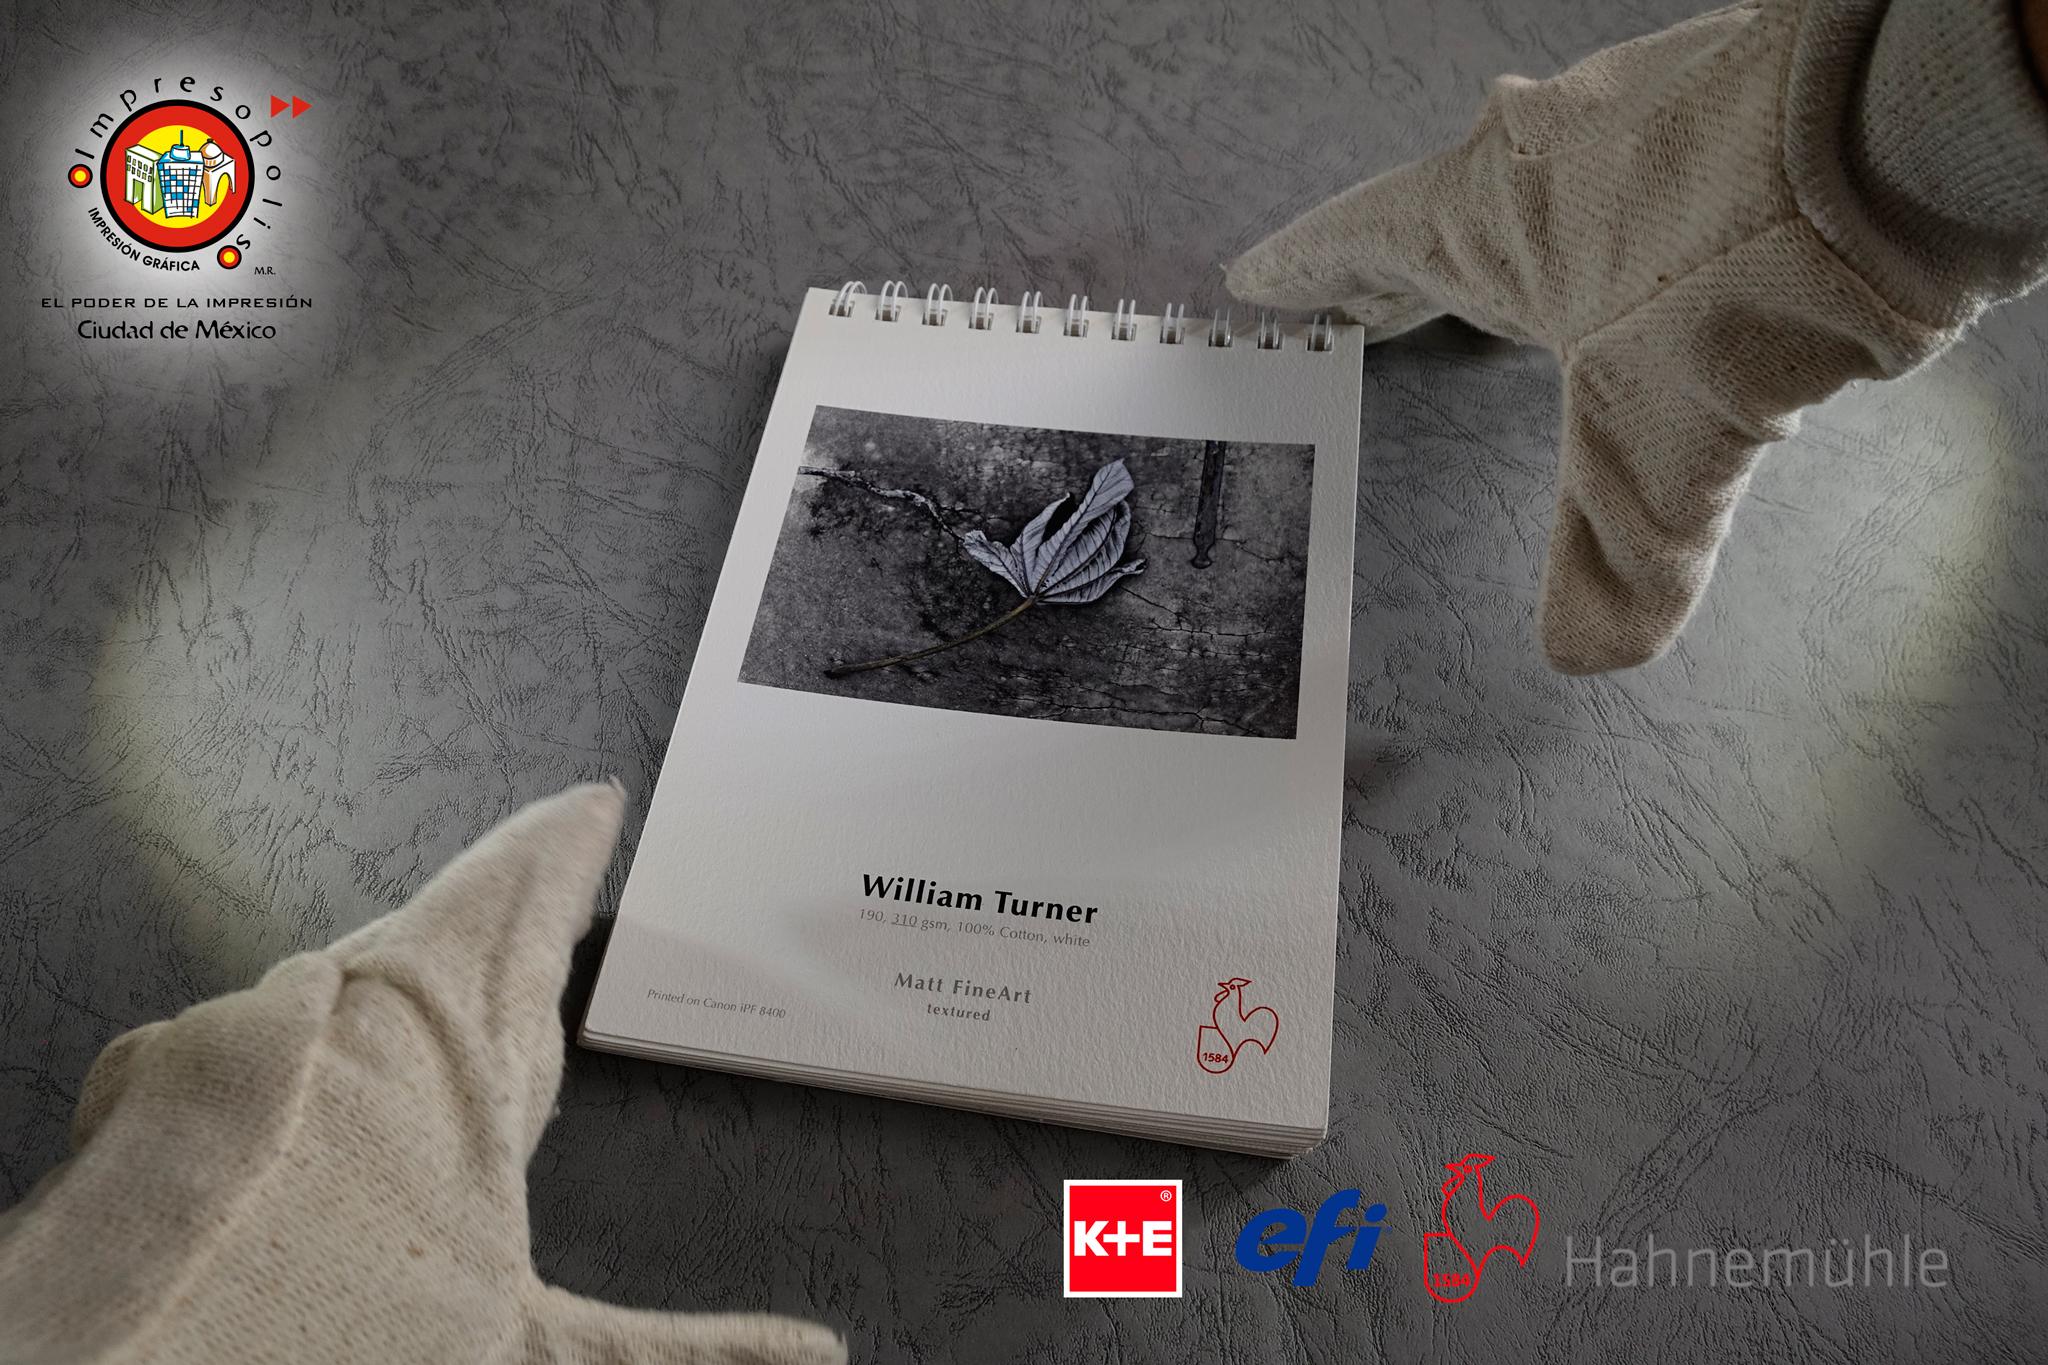 WILLIAM-TURNER-gde-13